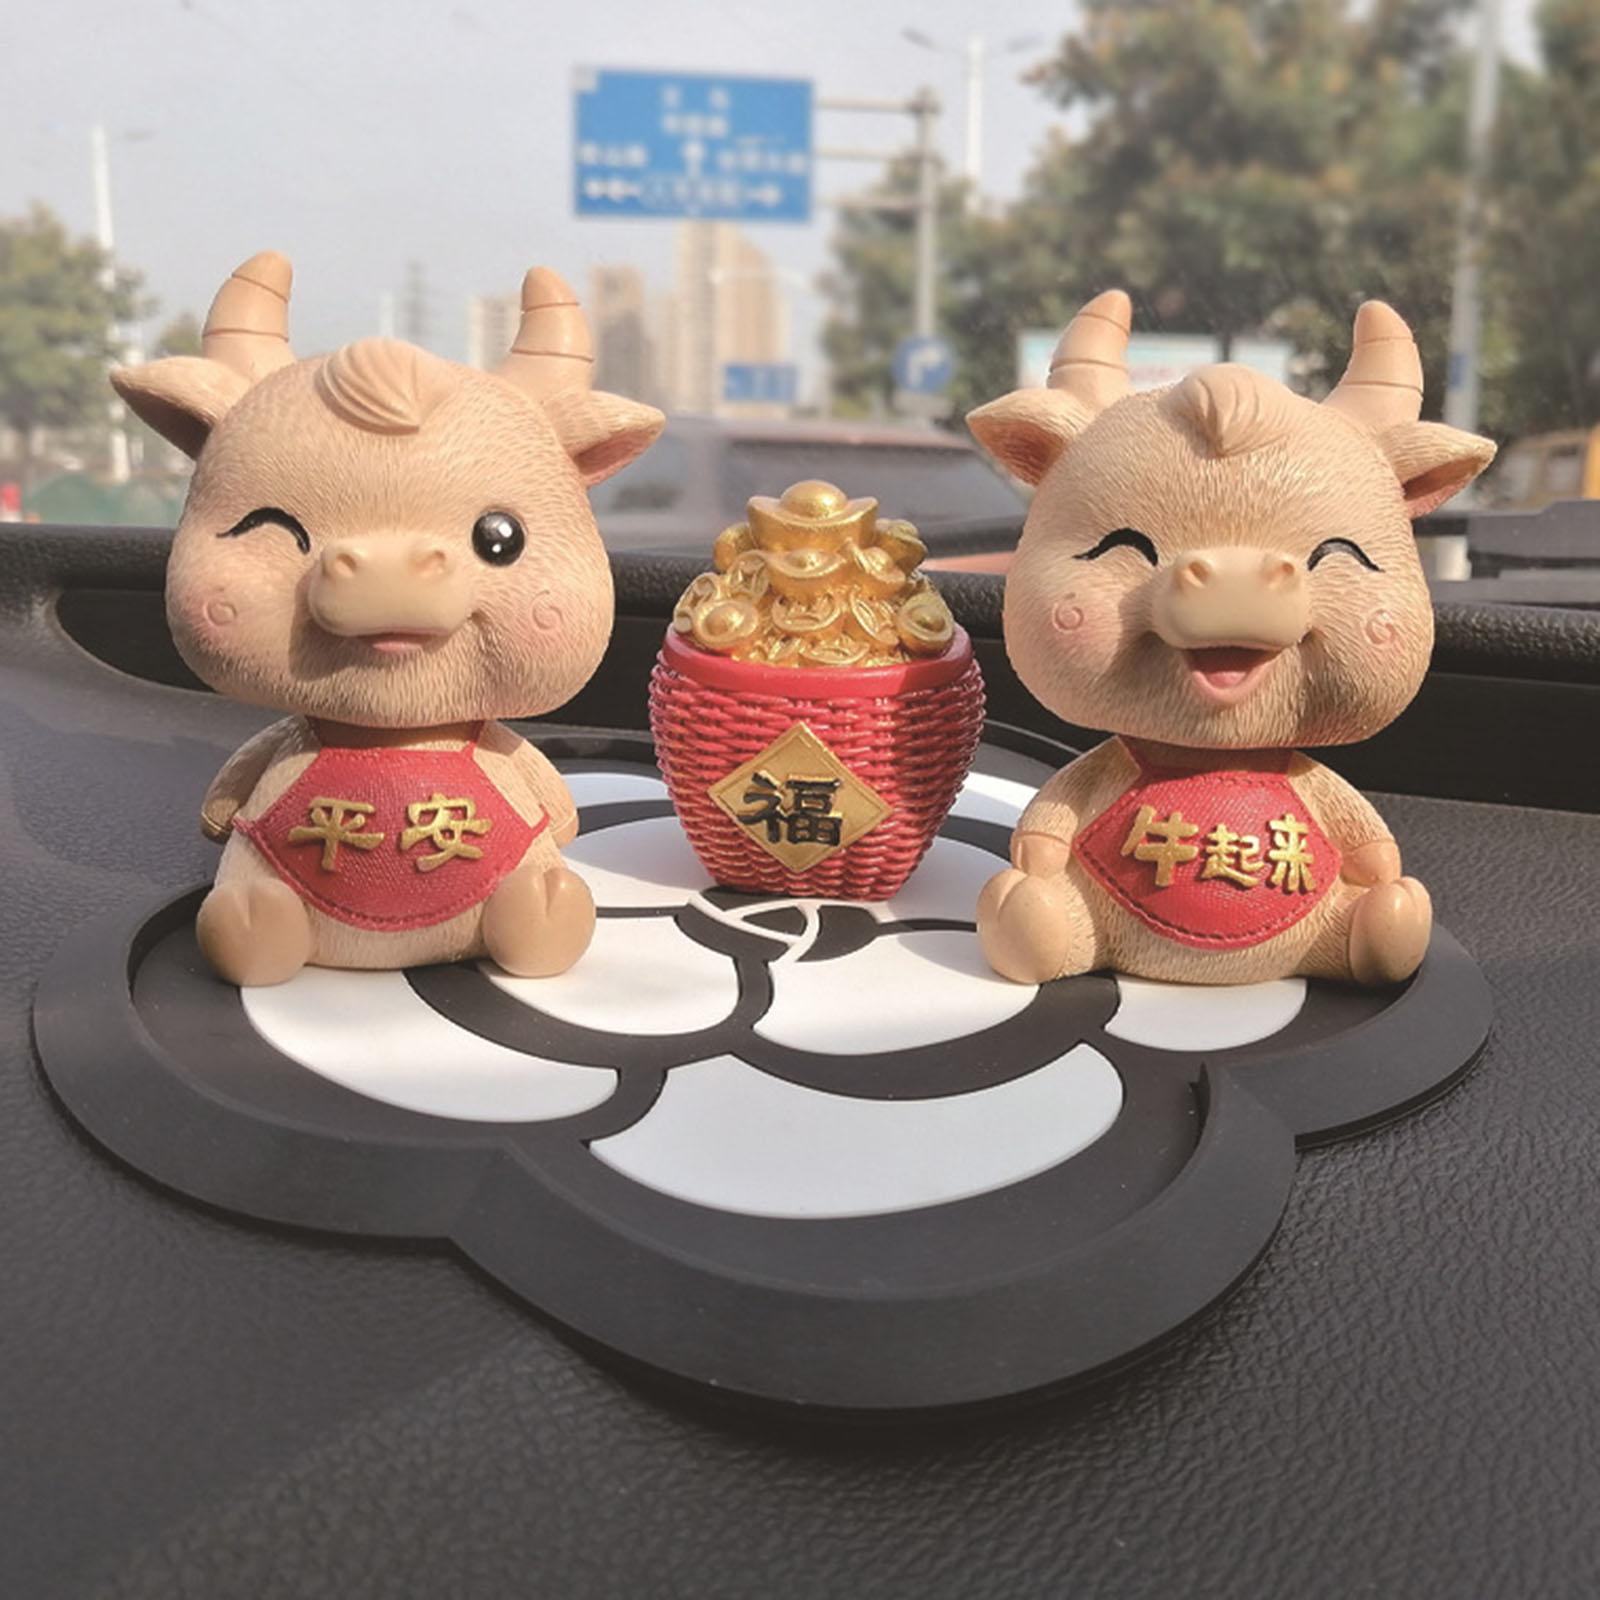 2021 Новый год Китайский Знак зодиака бык крупного рогатого скота плюшевые игрушки с милыми цветами, тканевые талисман плюшевая кукла мягкая ...